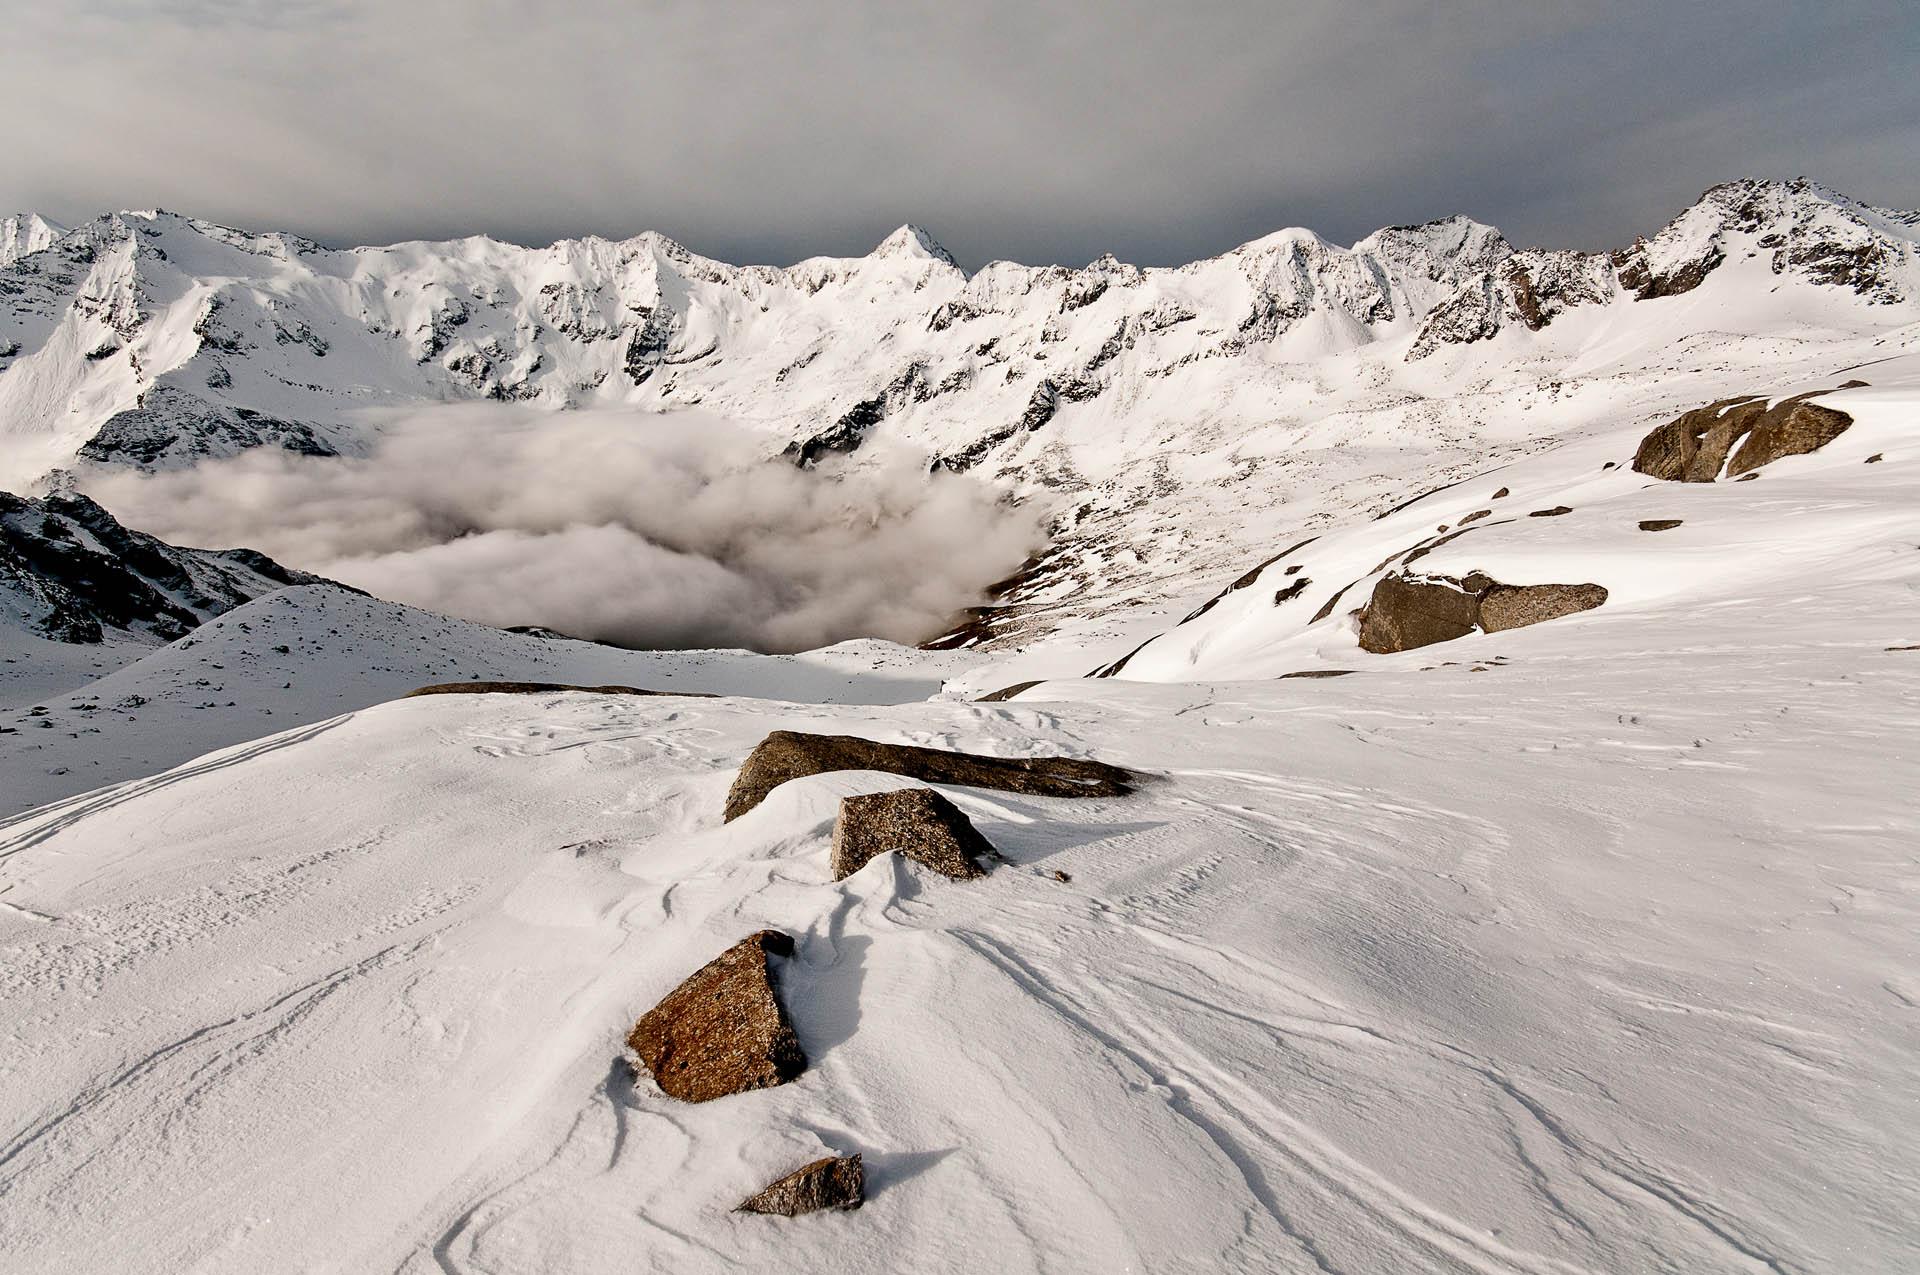 Inverze v údolí královny Hochalmspitze, kdy se mlha držela těsně nad přehradou Gößkarspeicher